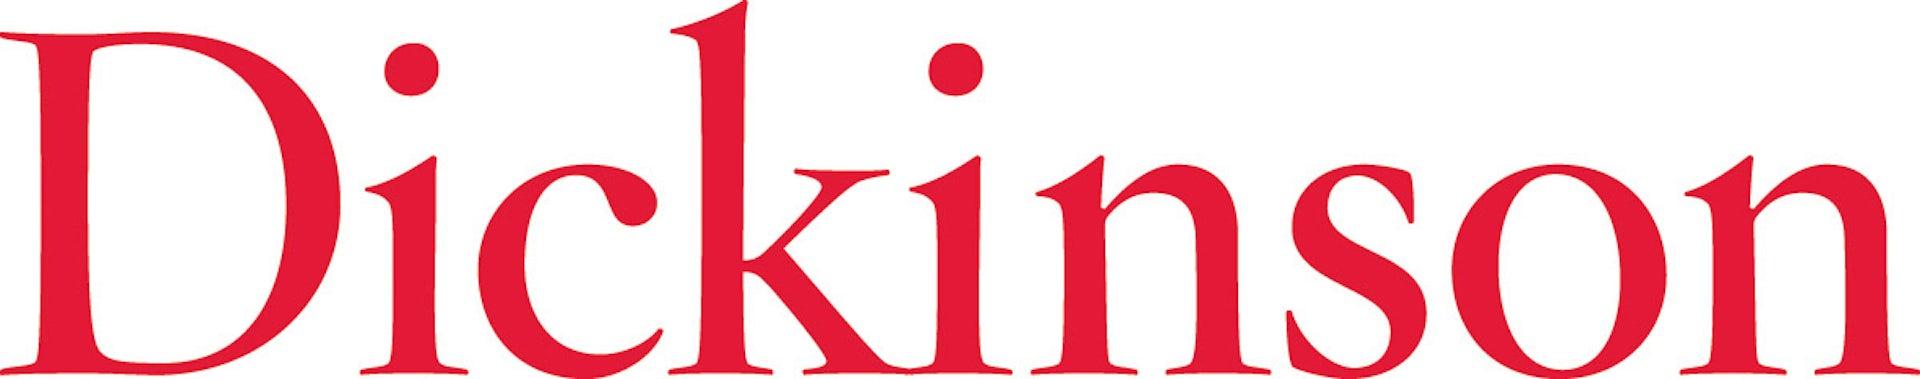 Logo 1523382239.jpg?ixlib=rb 1.1